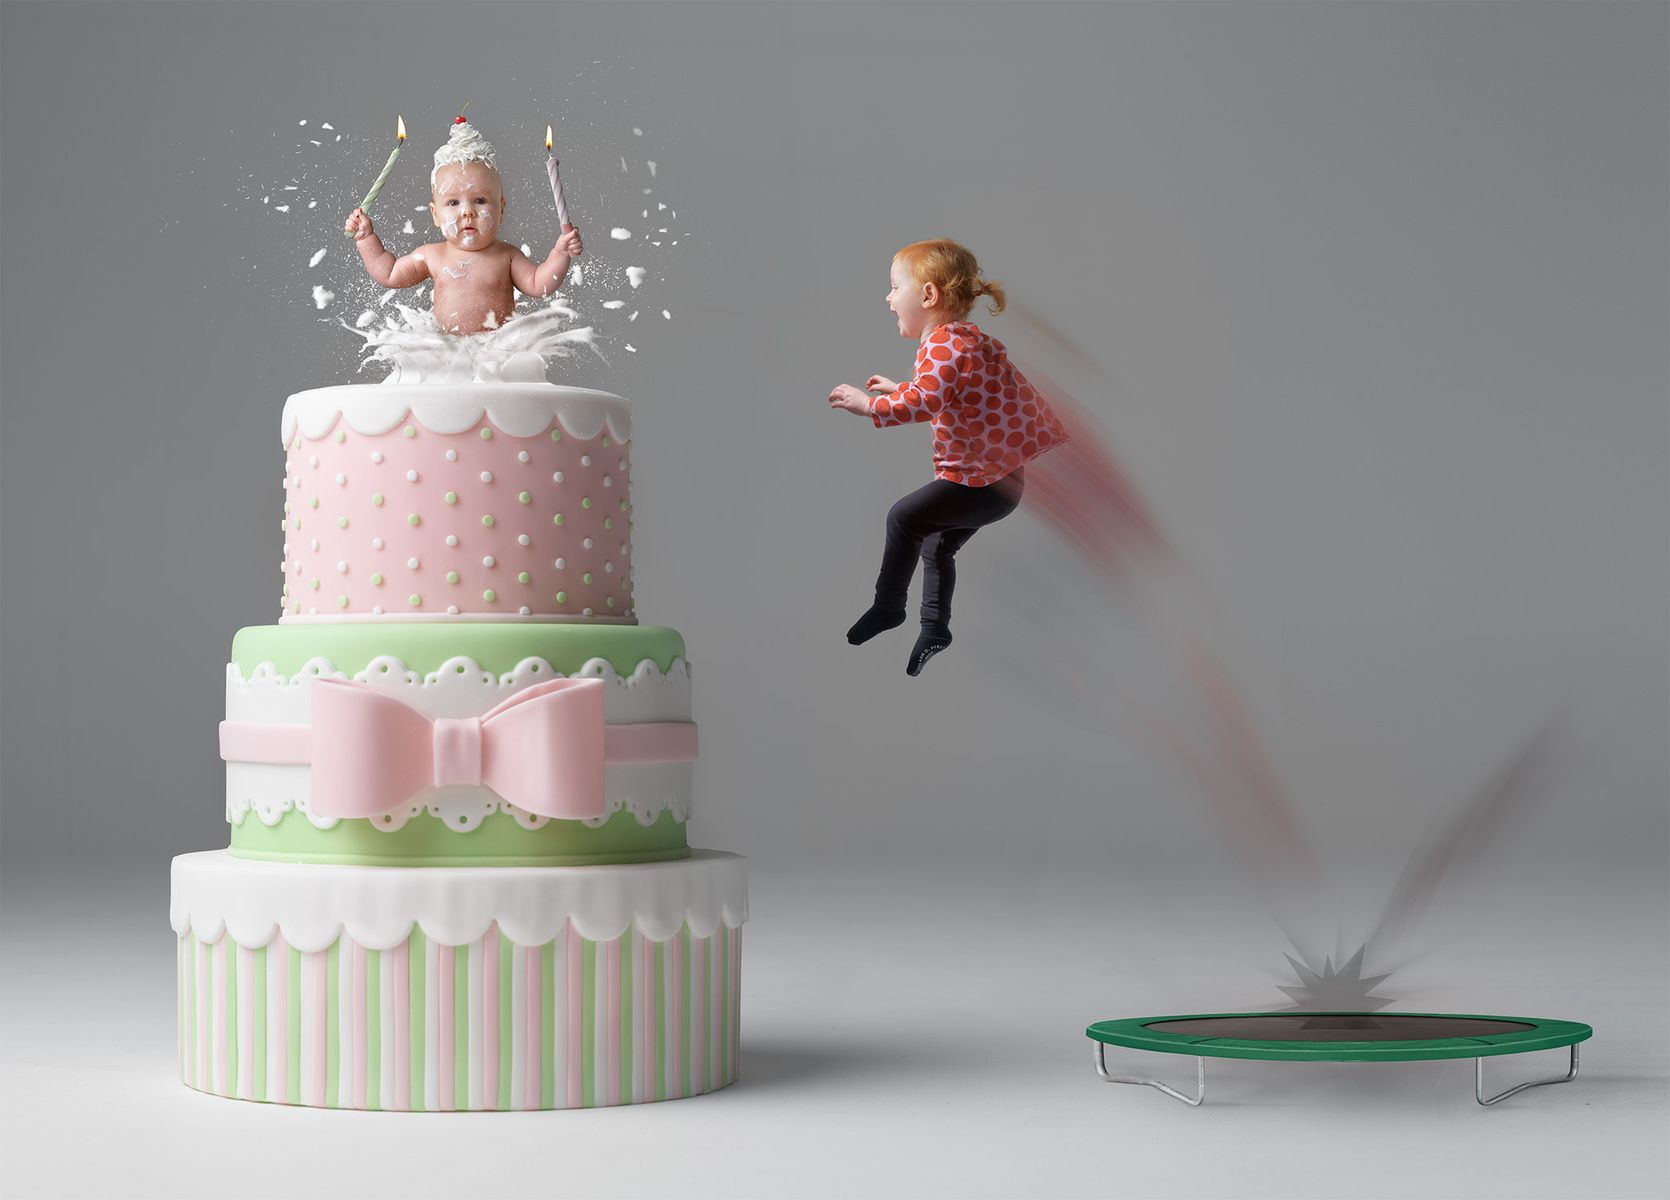 La Bébés / Royals | emilmedia.se